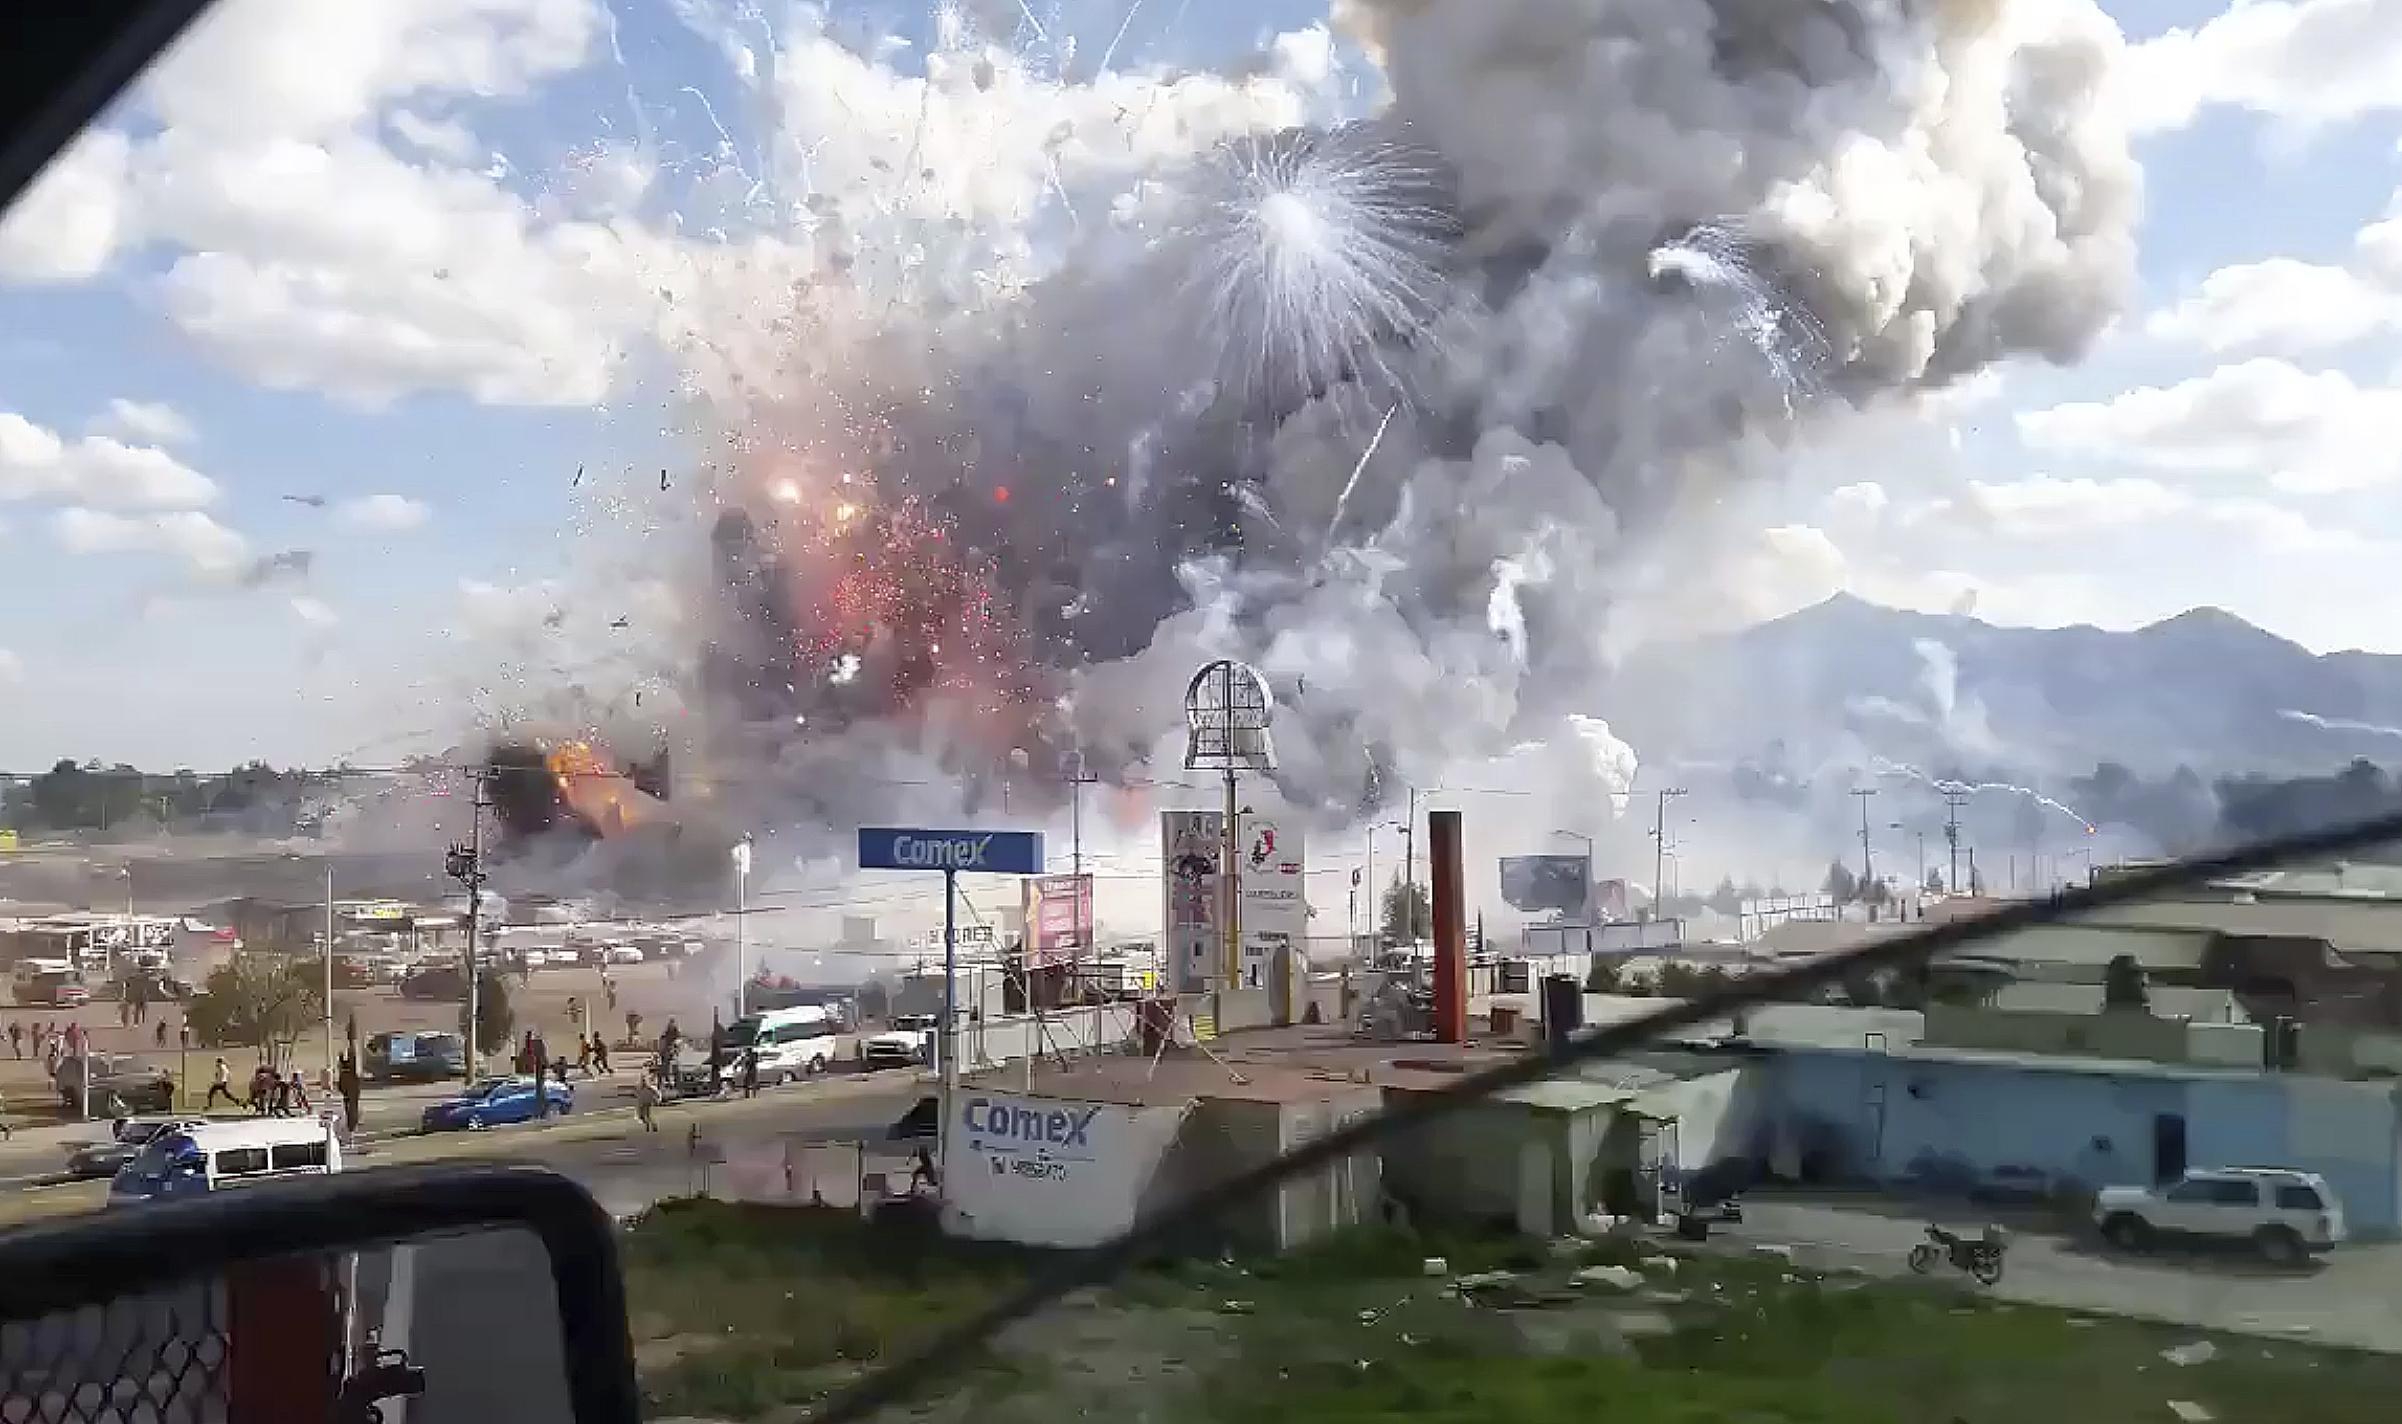 1 - L'esplosione ripresa da una macchina di passaggio